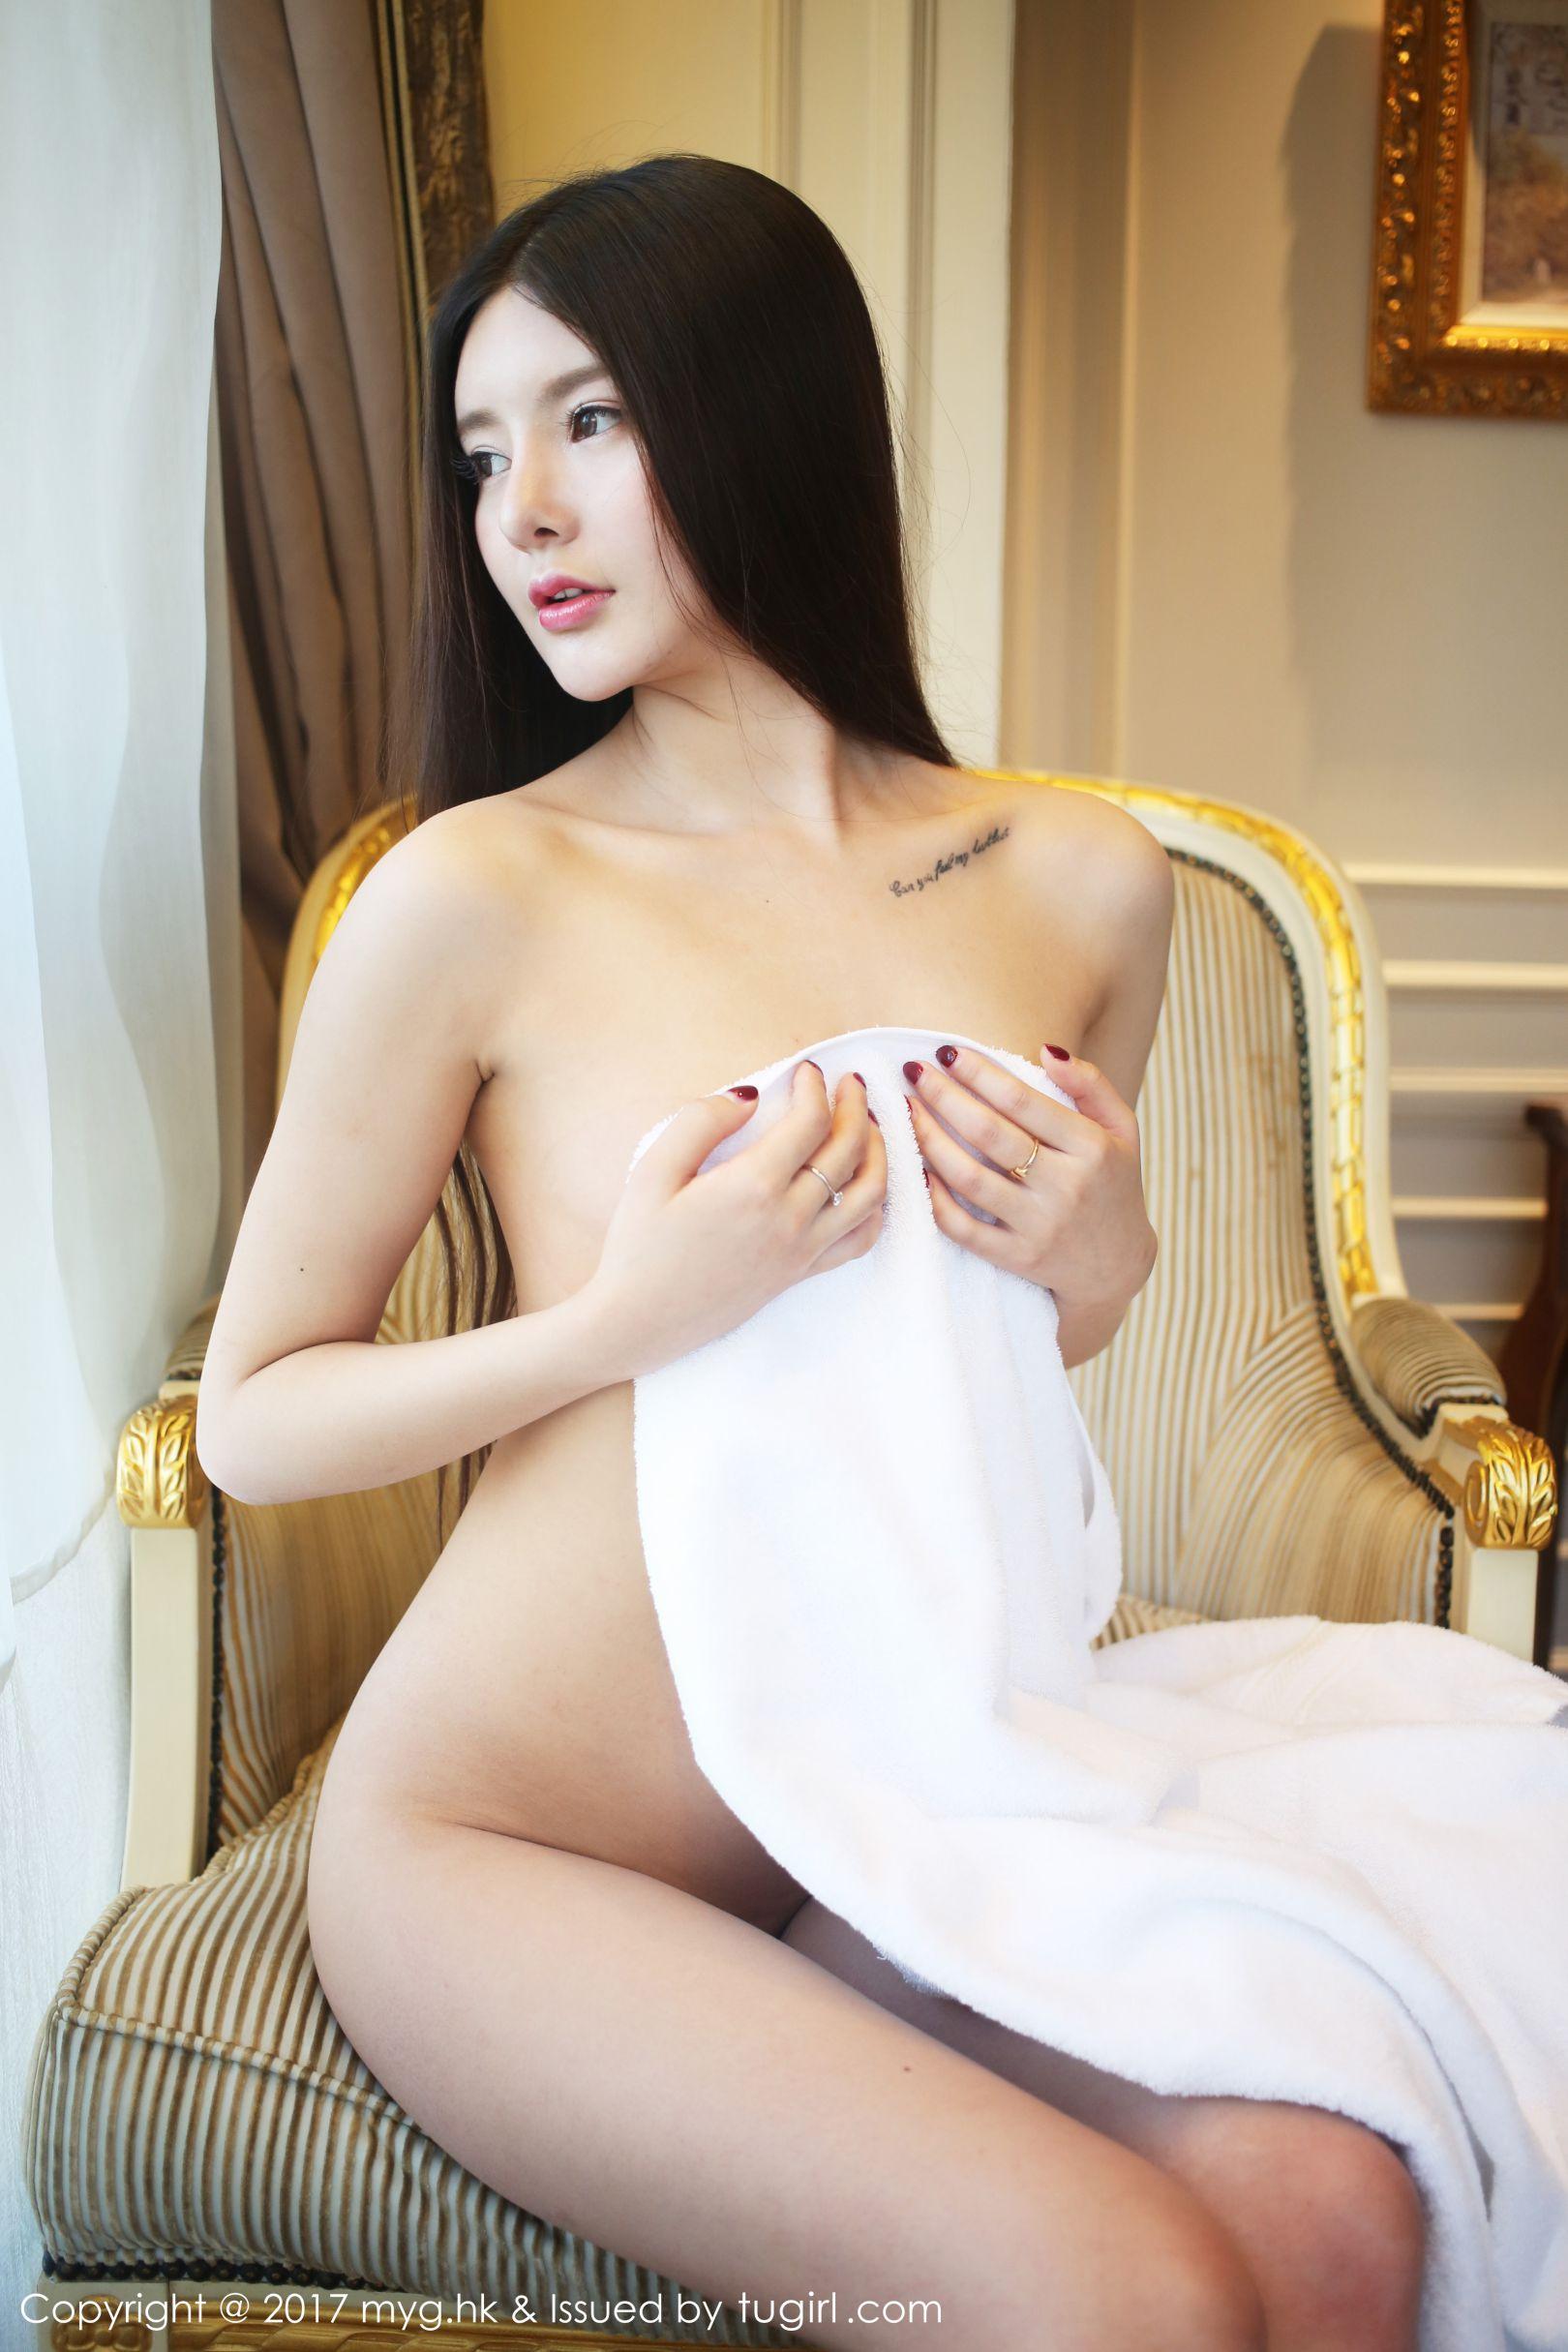 丽俊girl 写真图片2